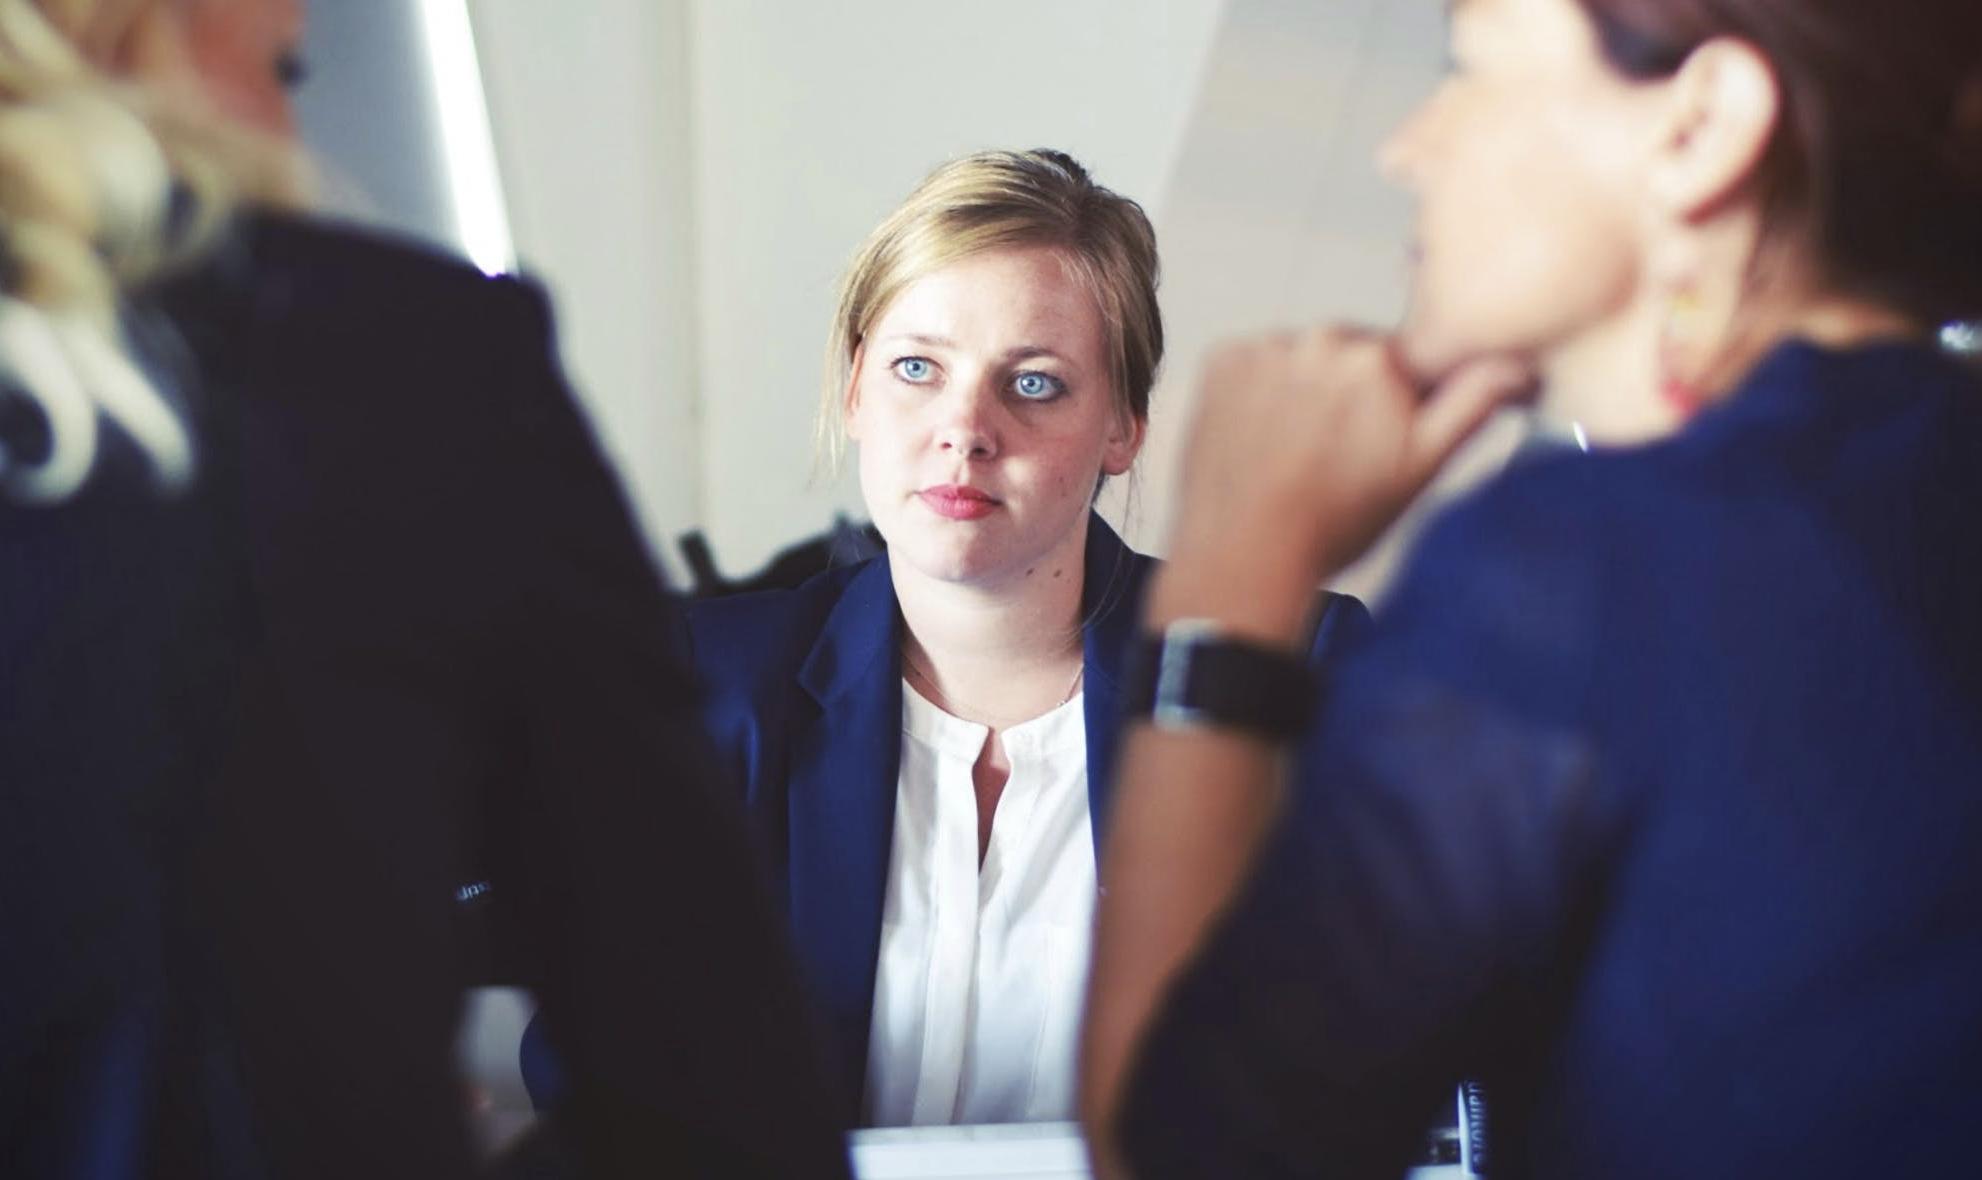 Lavorare dopo la laurea: quanto valgo io?